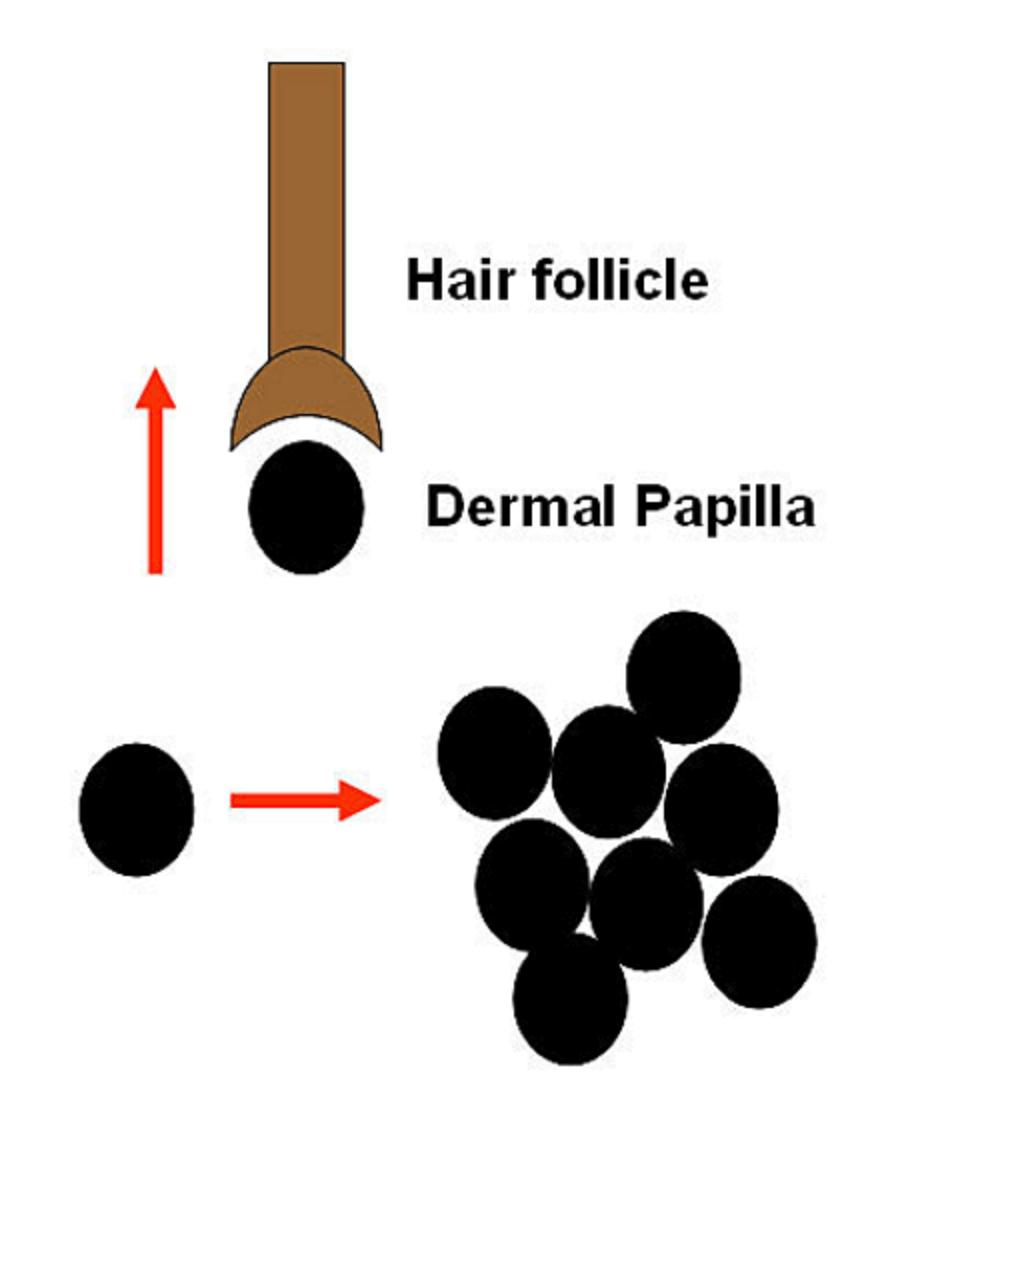 التطورات الحديثة في مجال زراعة الشعر